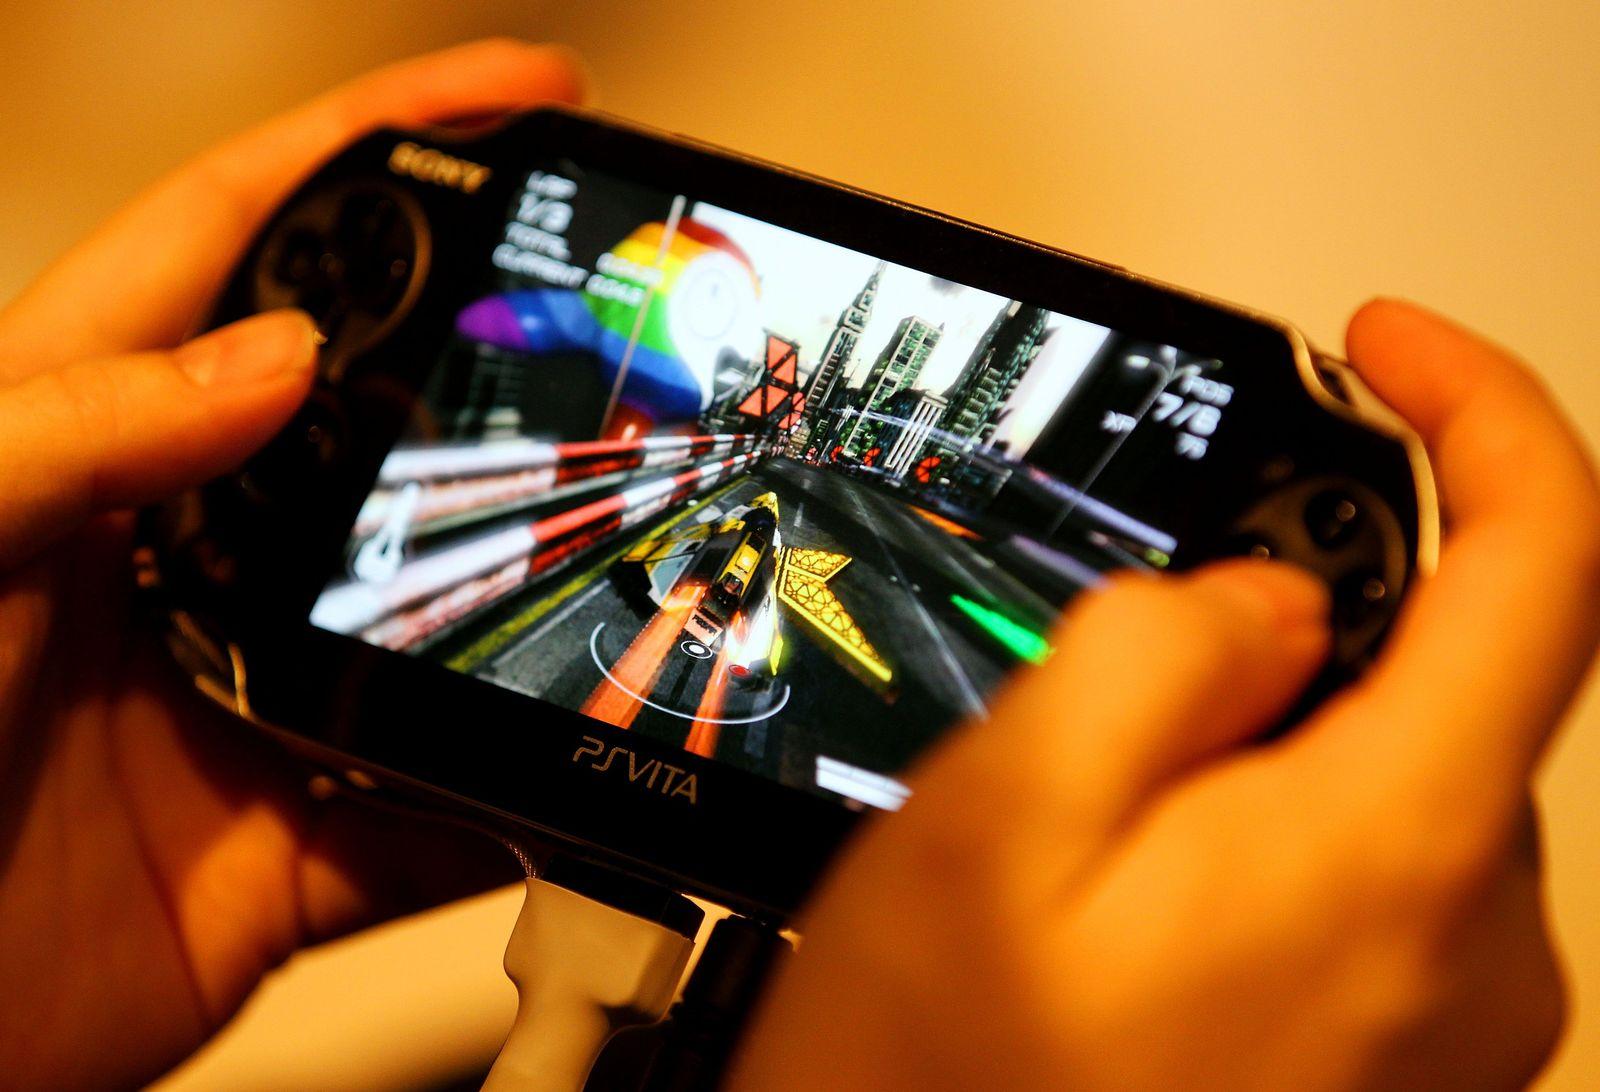 Gamescom / PS Vita